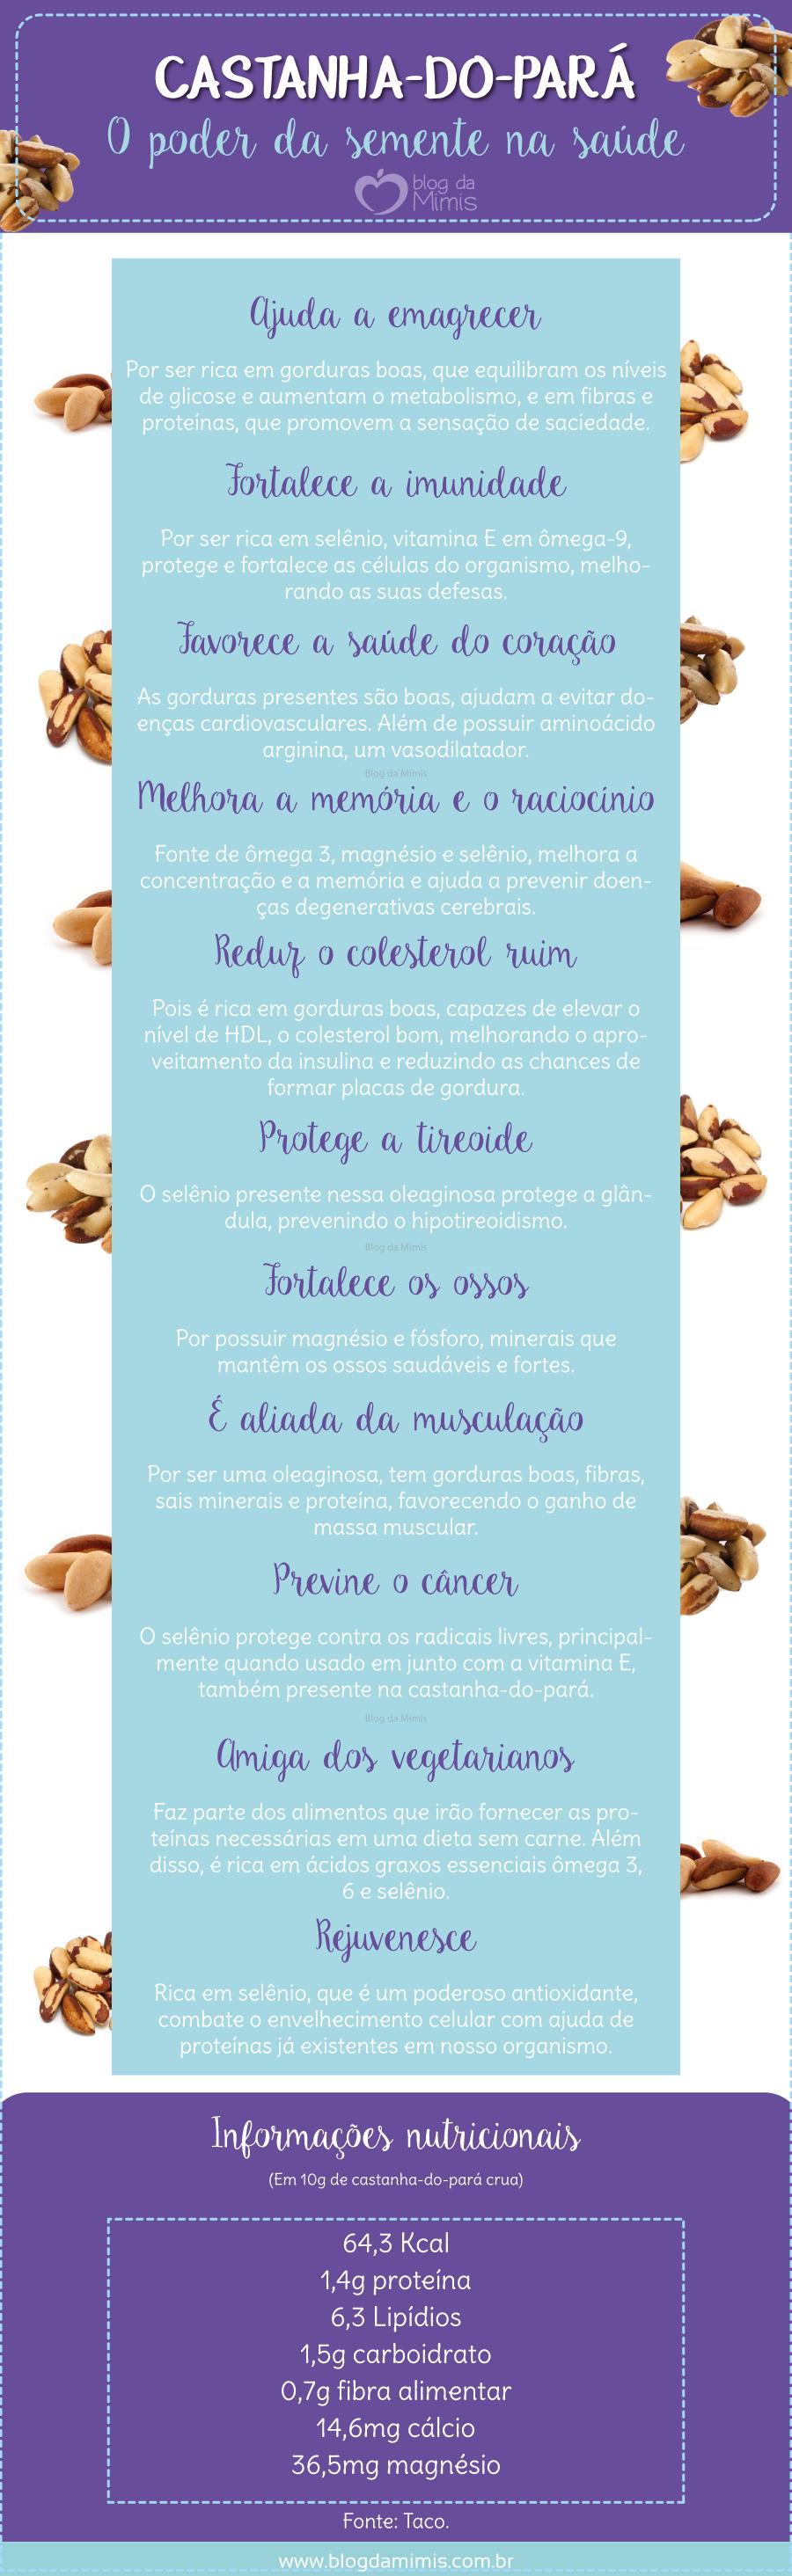 castanha-do-para-blog-da-mimis-michelle-franzoni-post-2